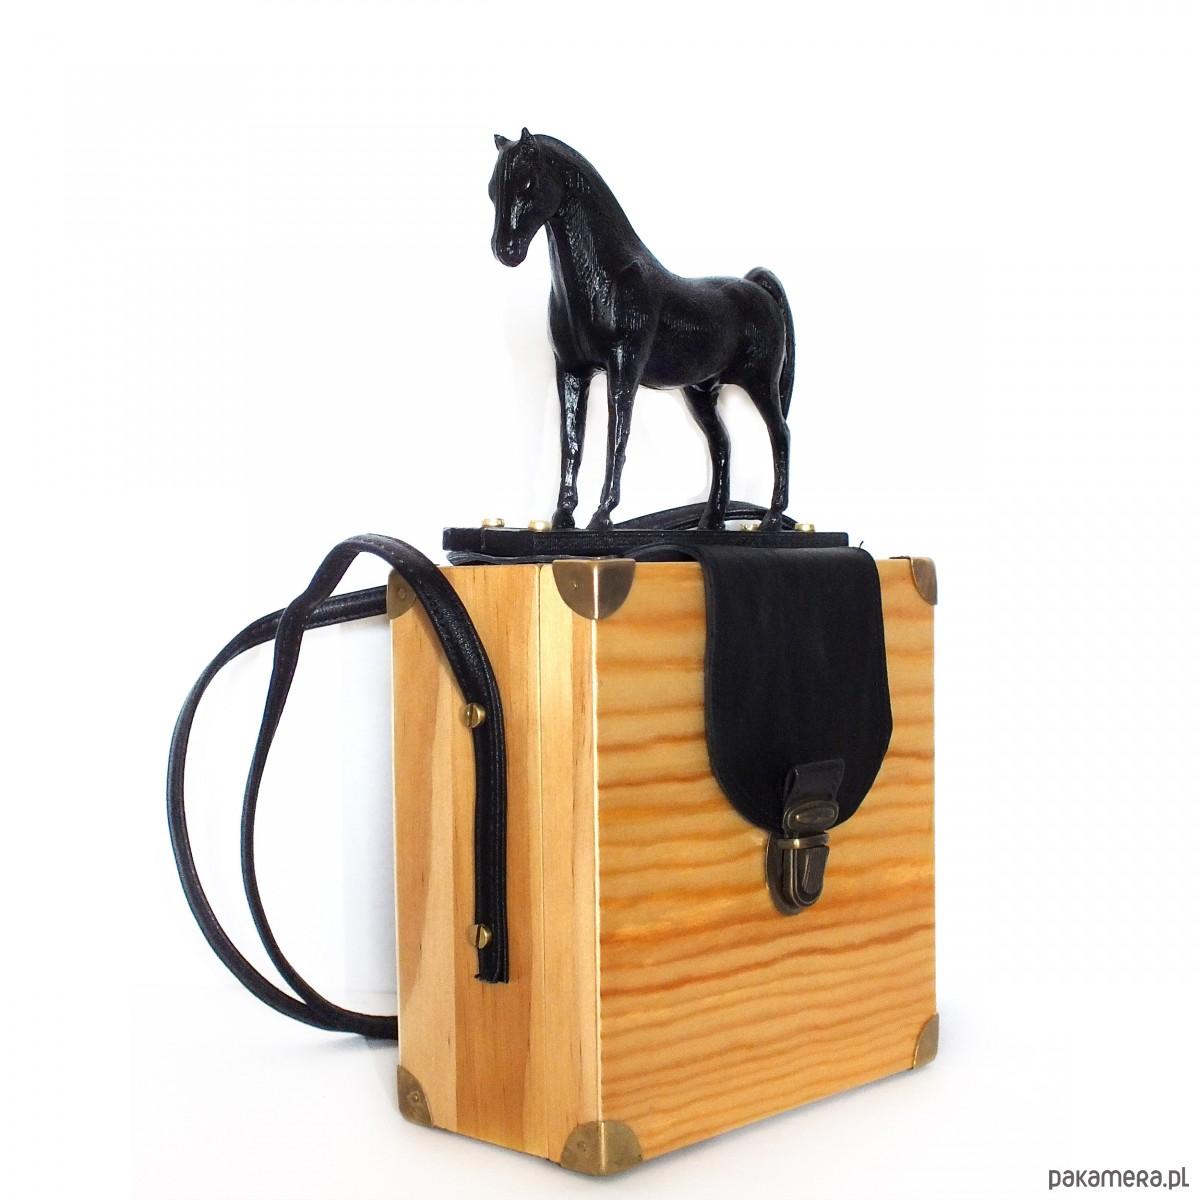 Koń czarny druk 3d + drewno torebka Kolokaina